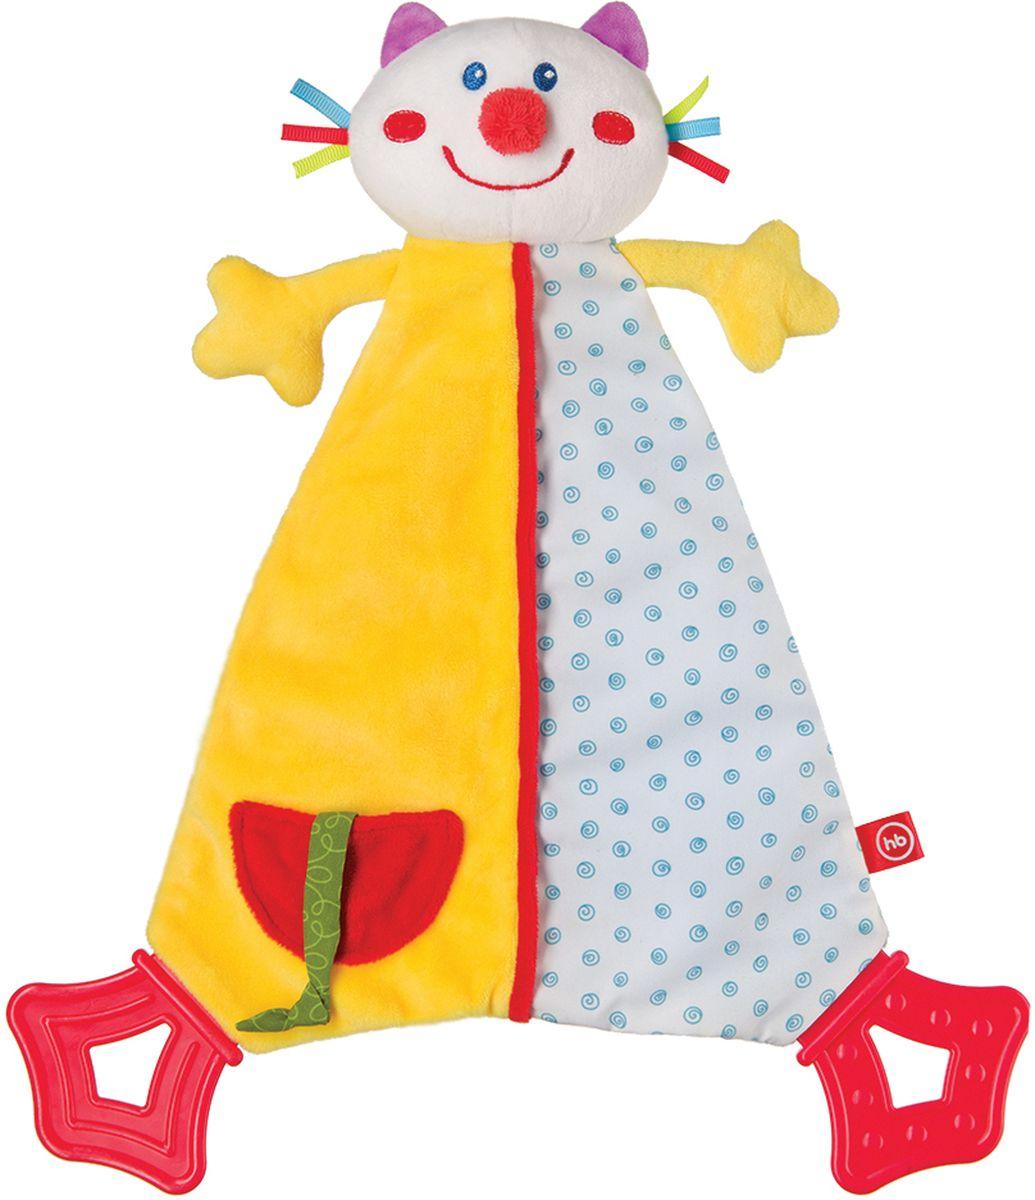 Happy Baby Развивающая игрушка Платок Dreamy Kitty развивающая игрушка пищалка happy baby cheepy kitty